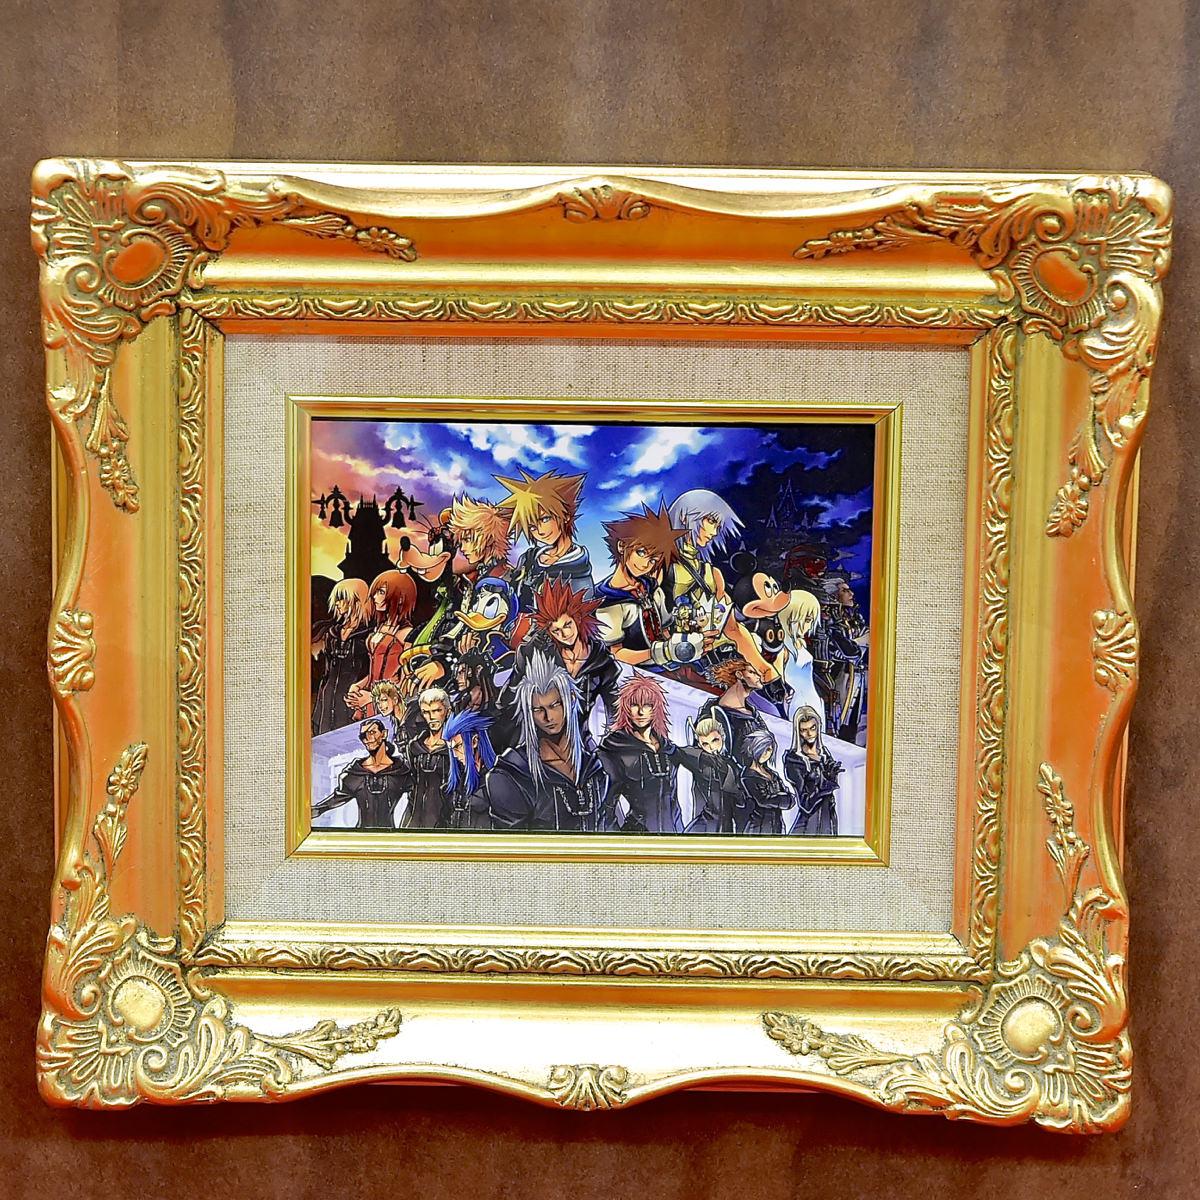 「存在しない者達 Organization XIII 」アート